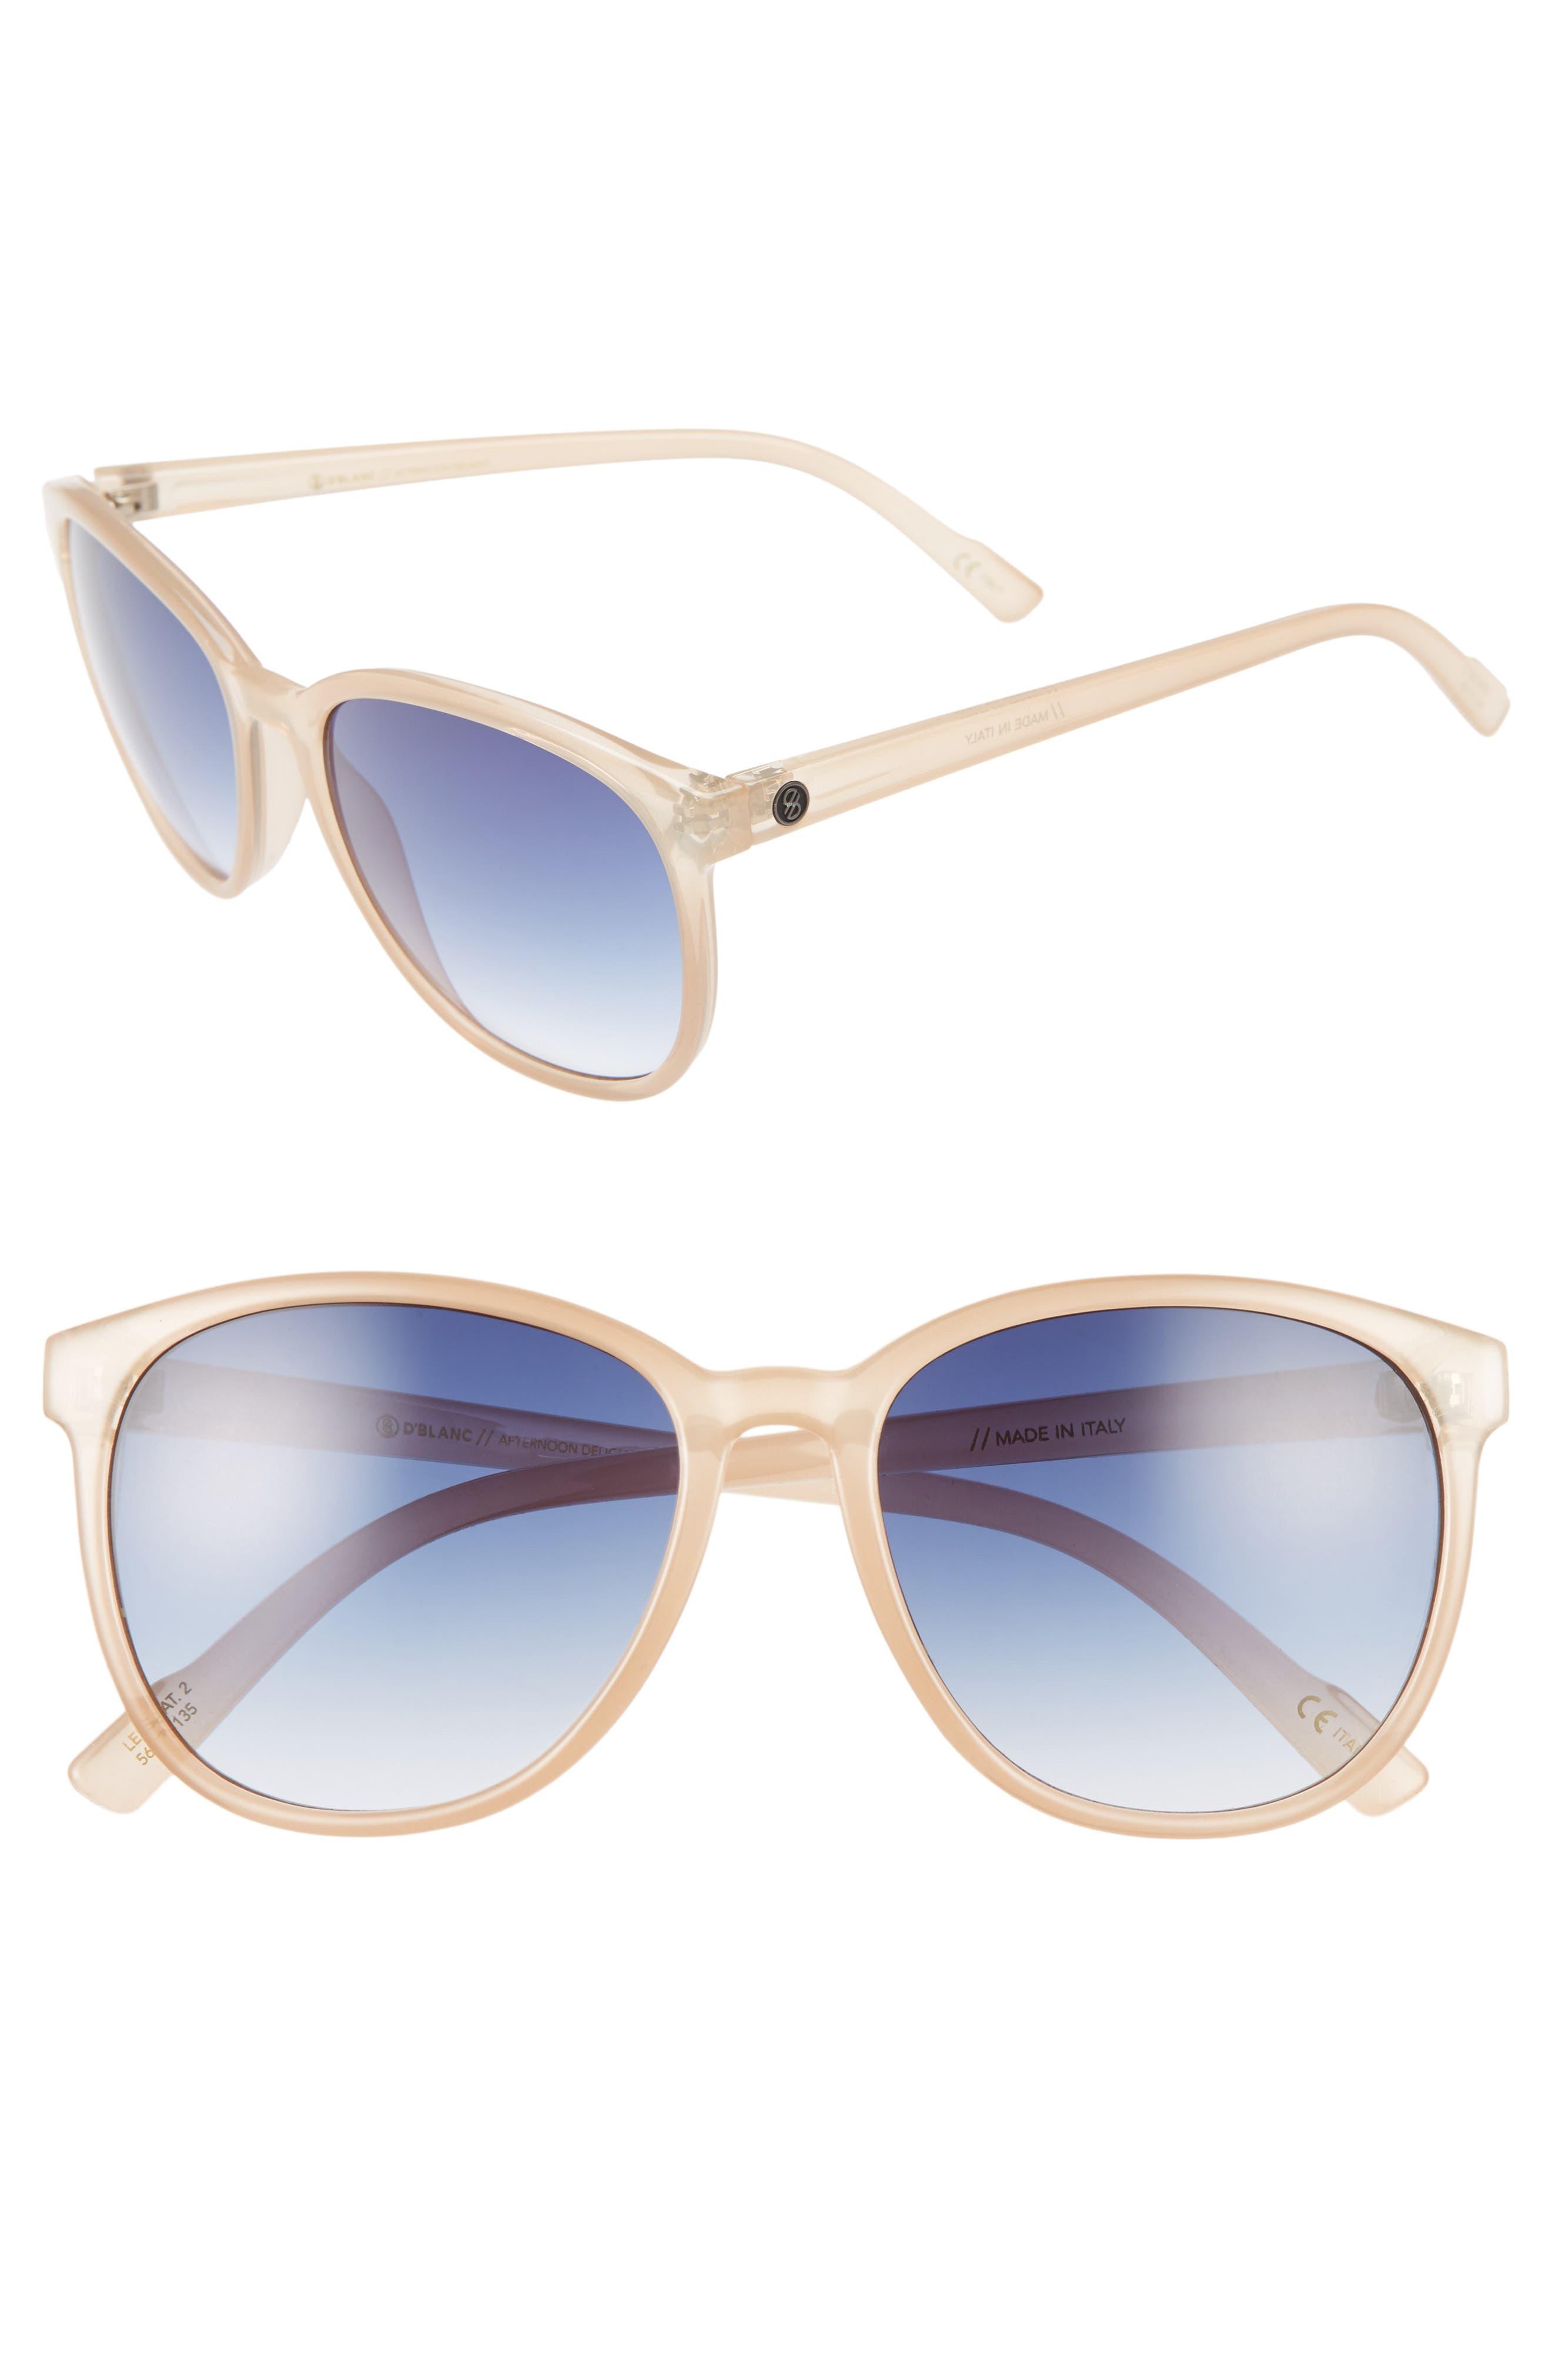 D'BLANC Afternoon Delight 56mm Gradient Lens Sunglasses,                         Main,                         color, Spumante Opal/ Gradient